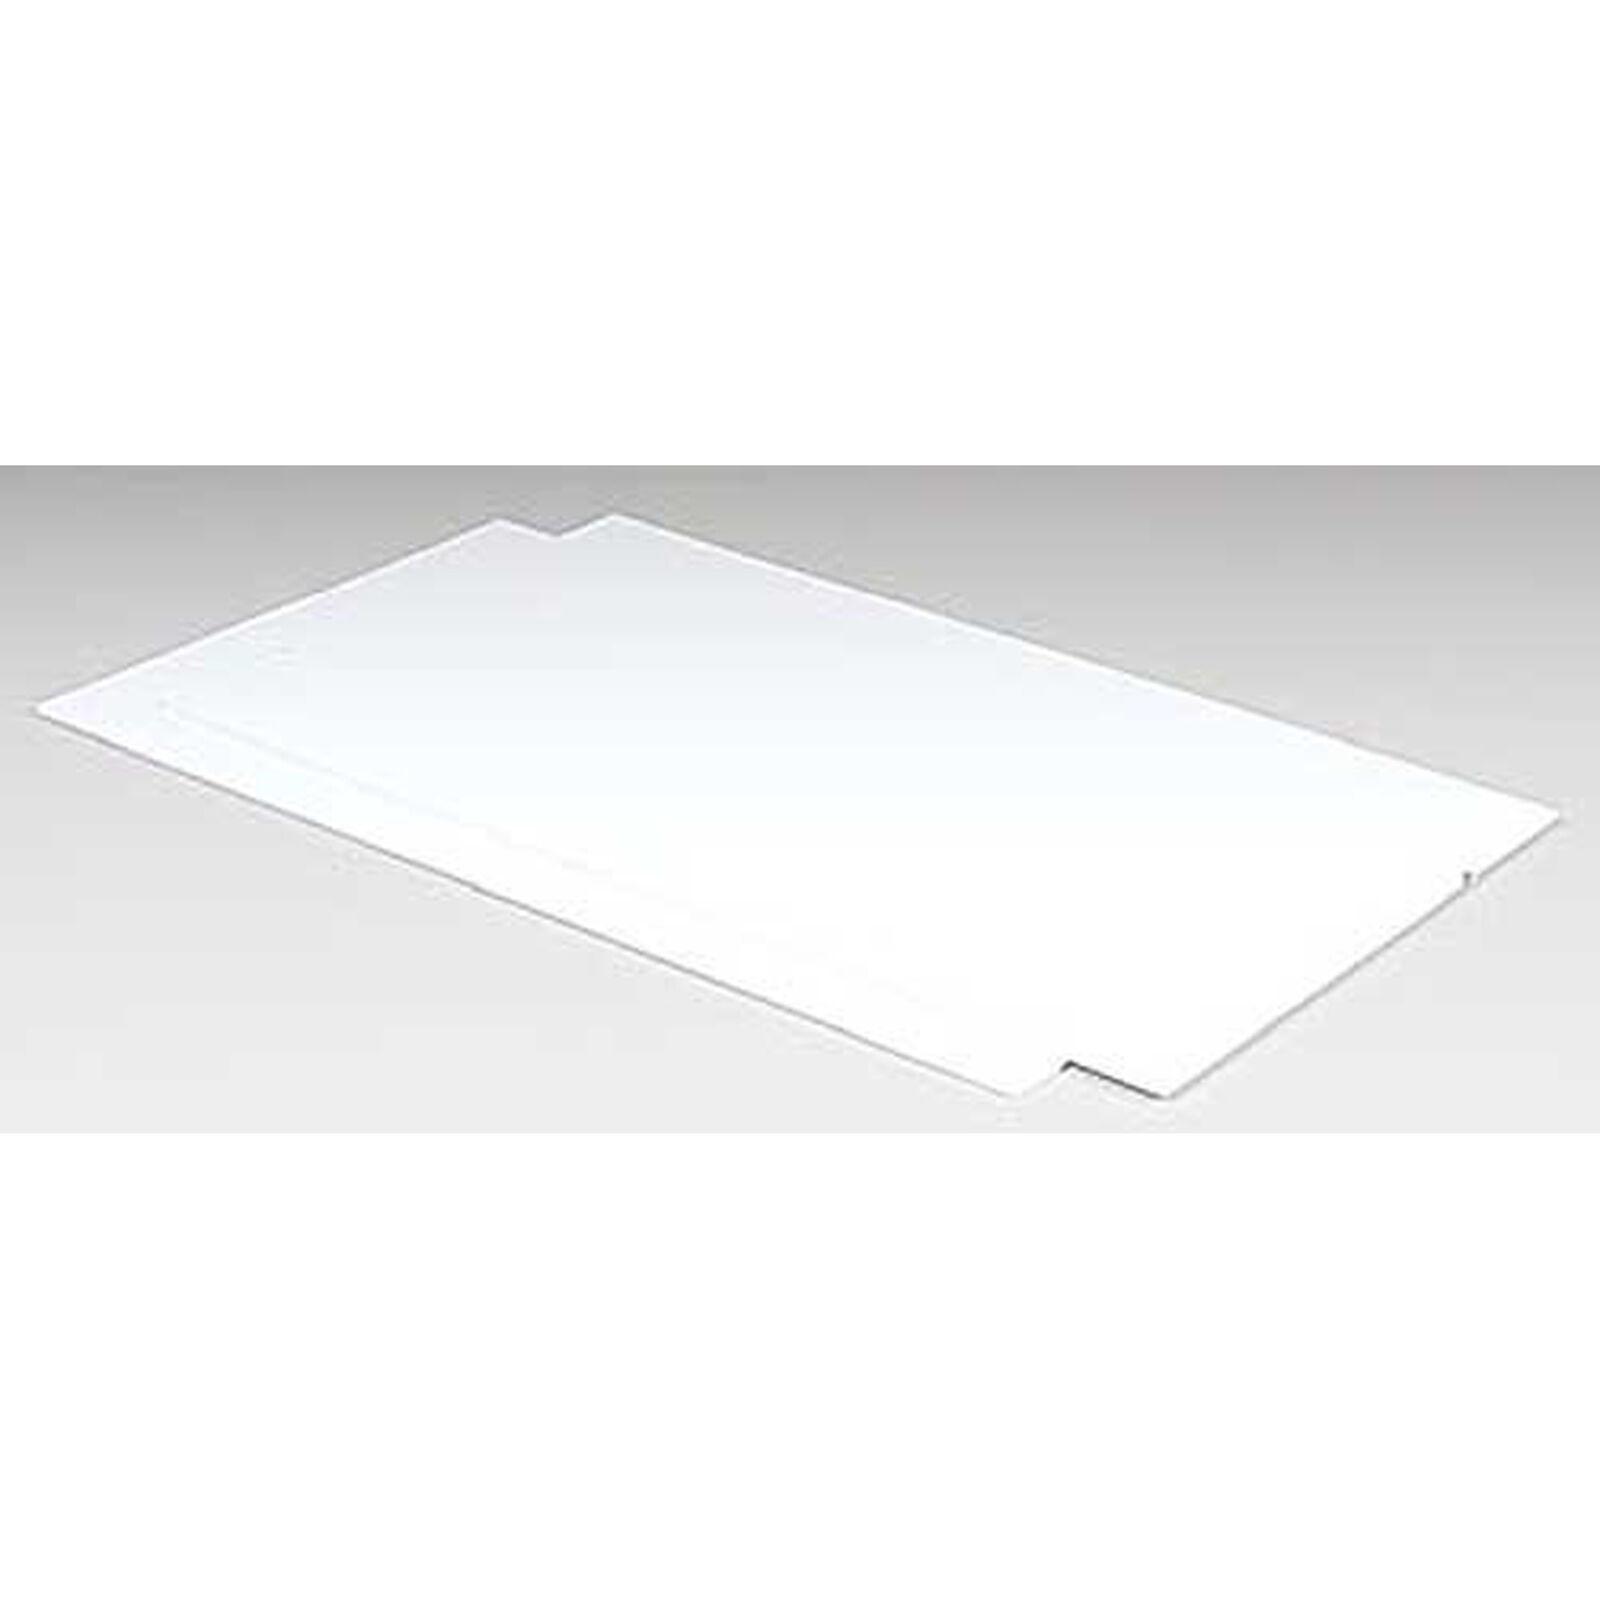 SSS-108 White Styrene,.080(2)